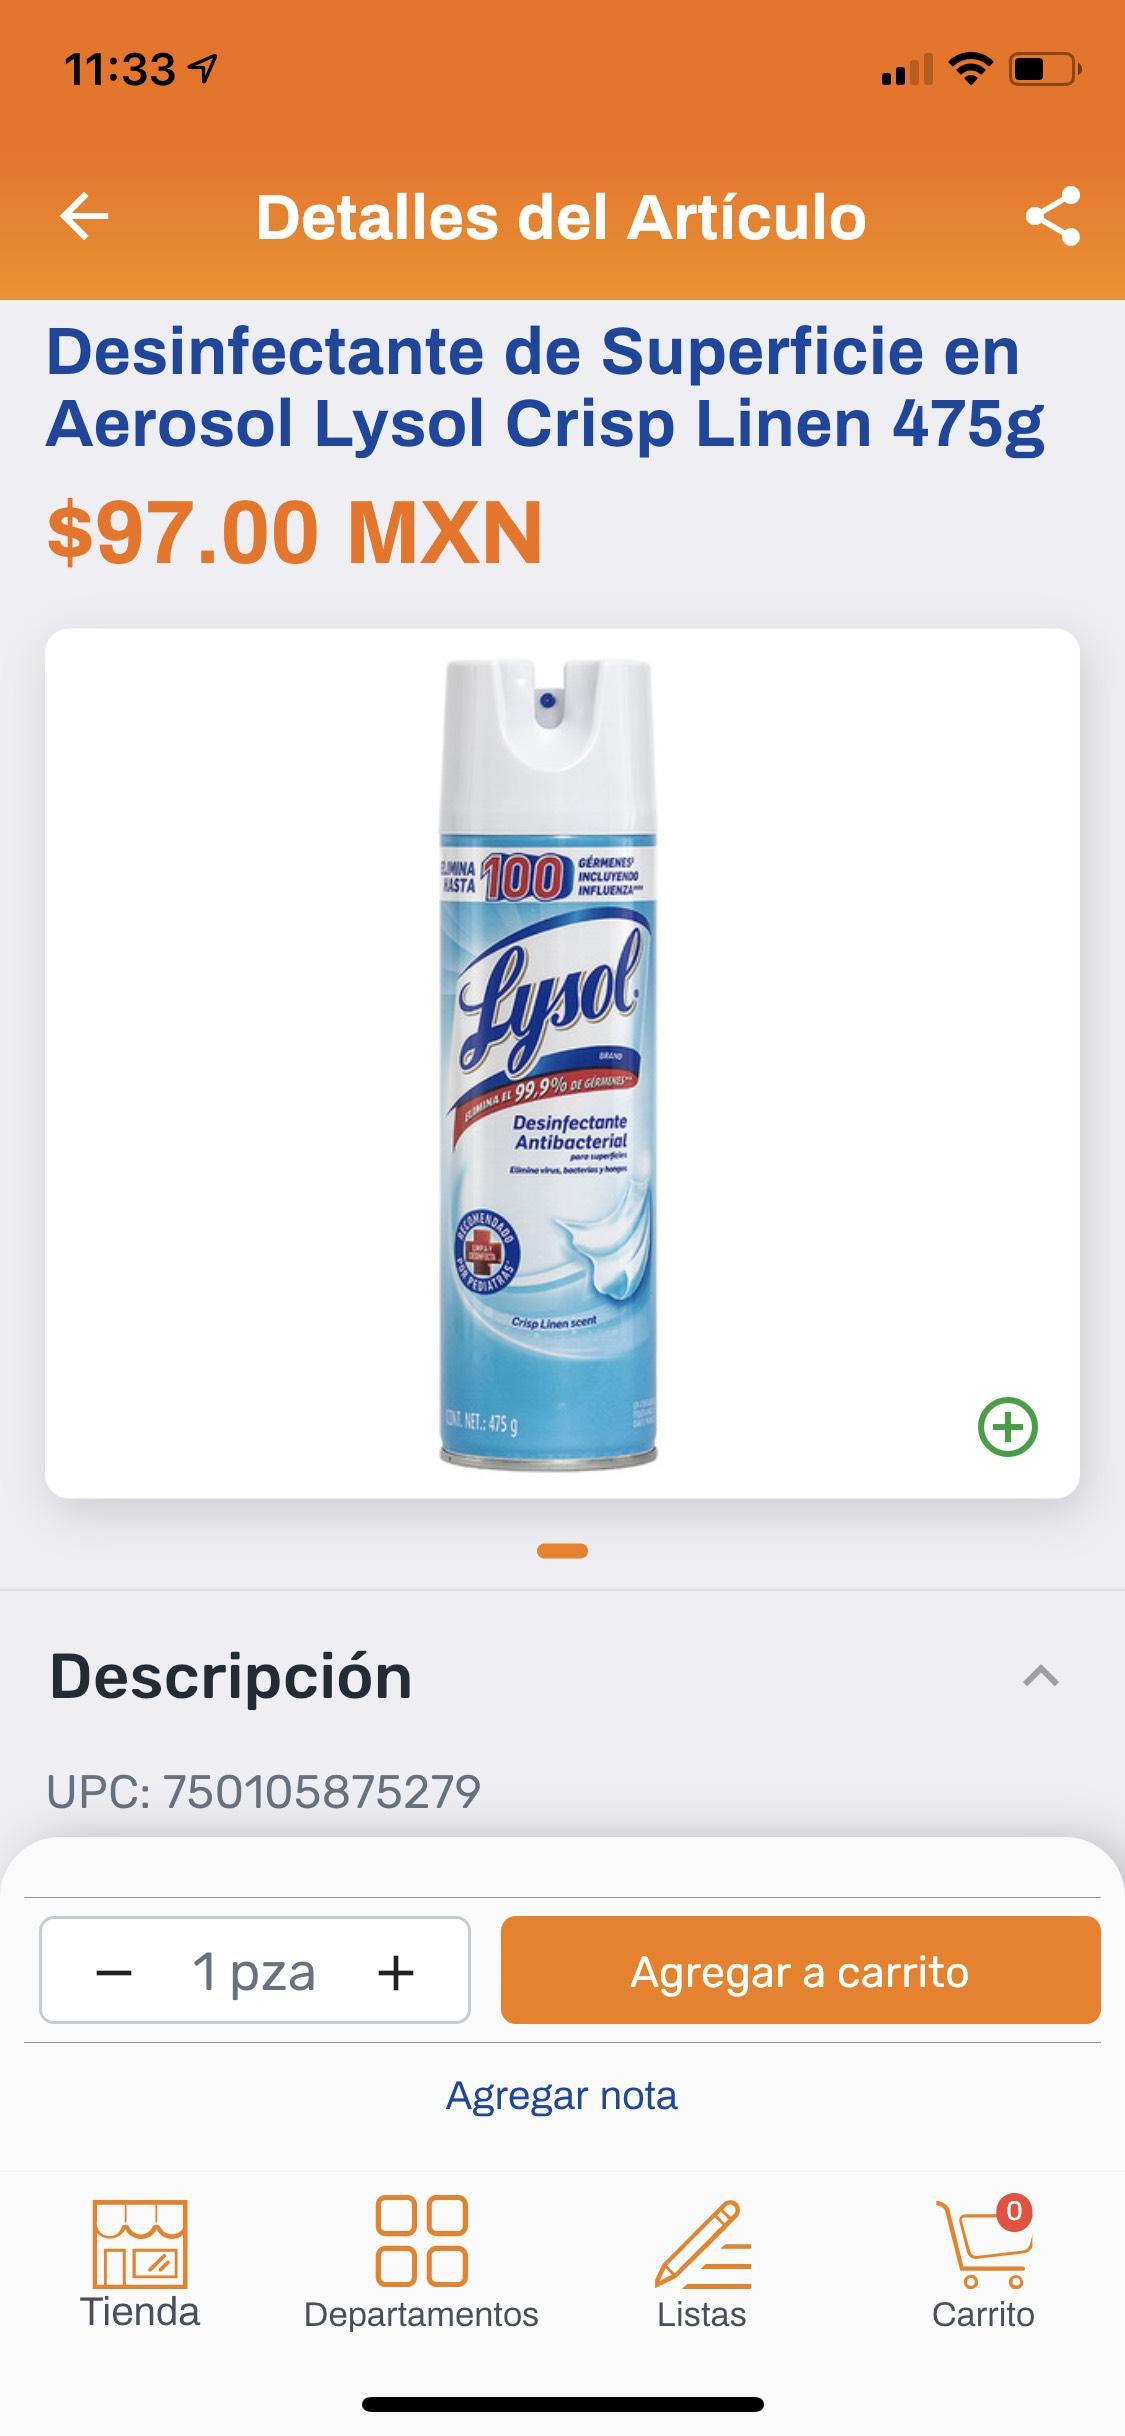 Chedraui: Desinfectante de Superficie en Aerosol Lysol Crisp Linen 475g